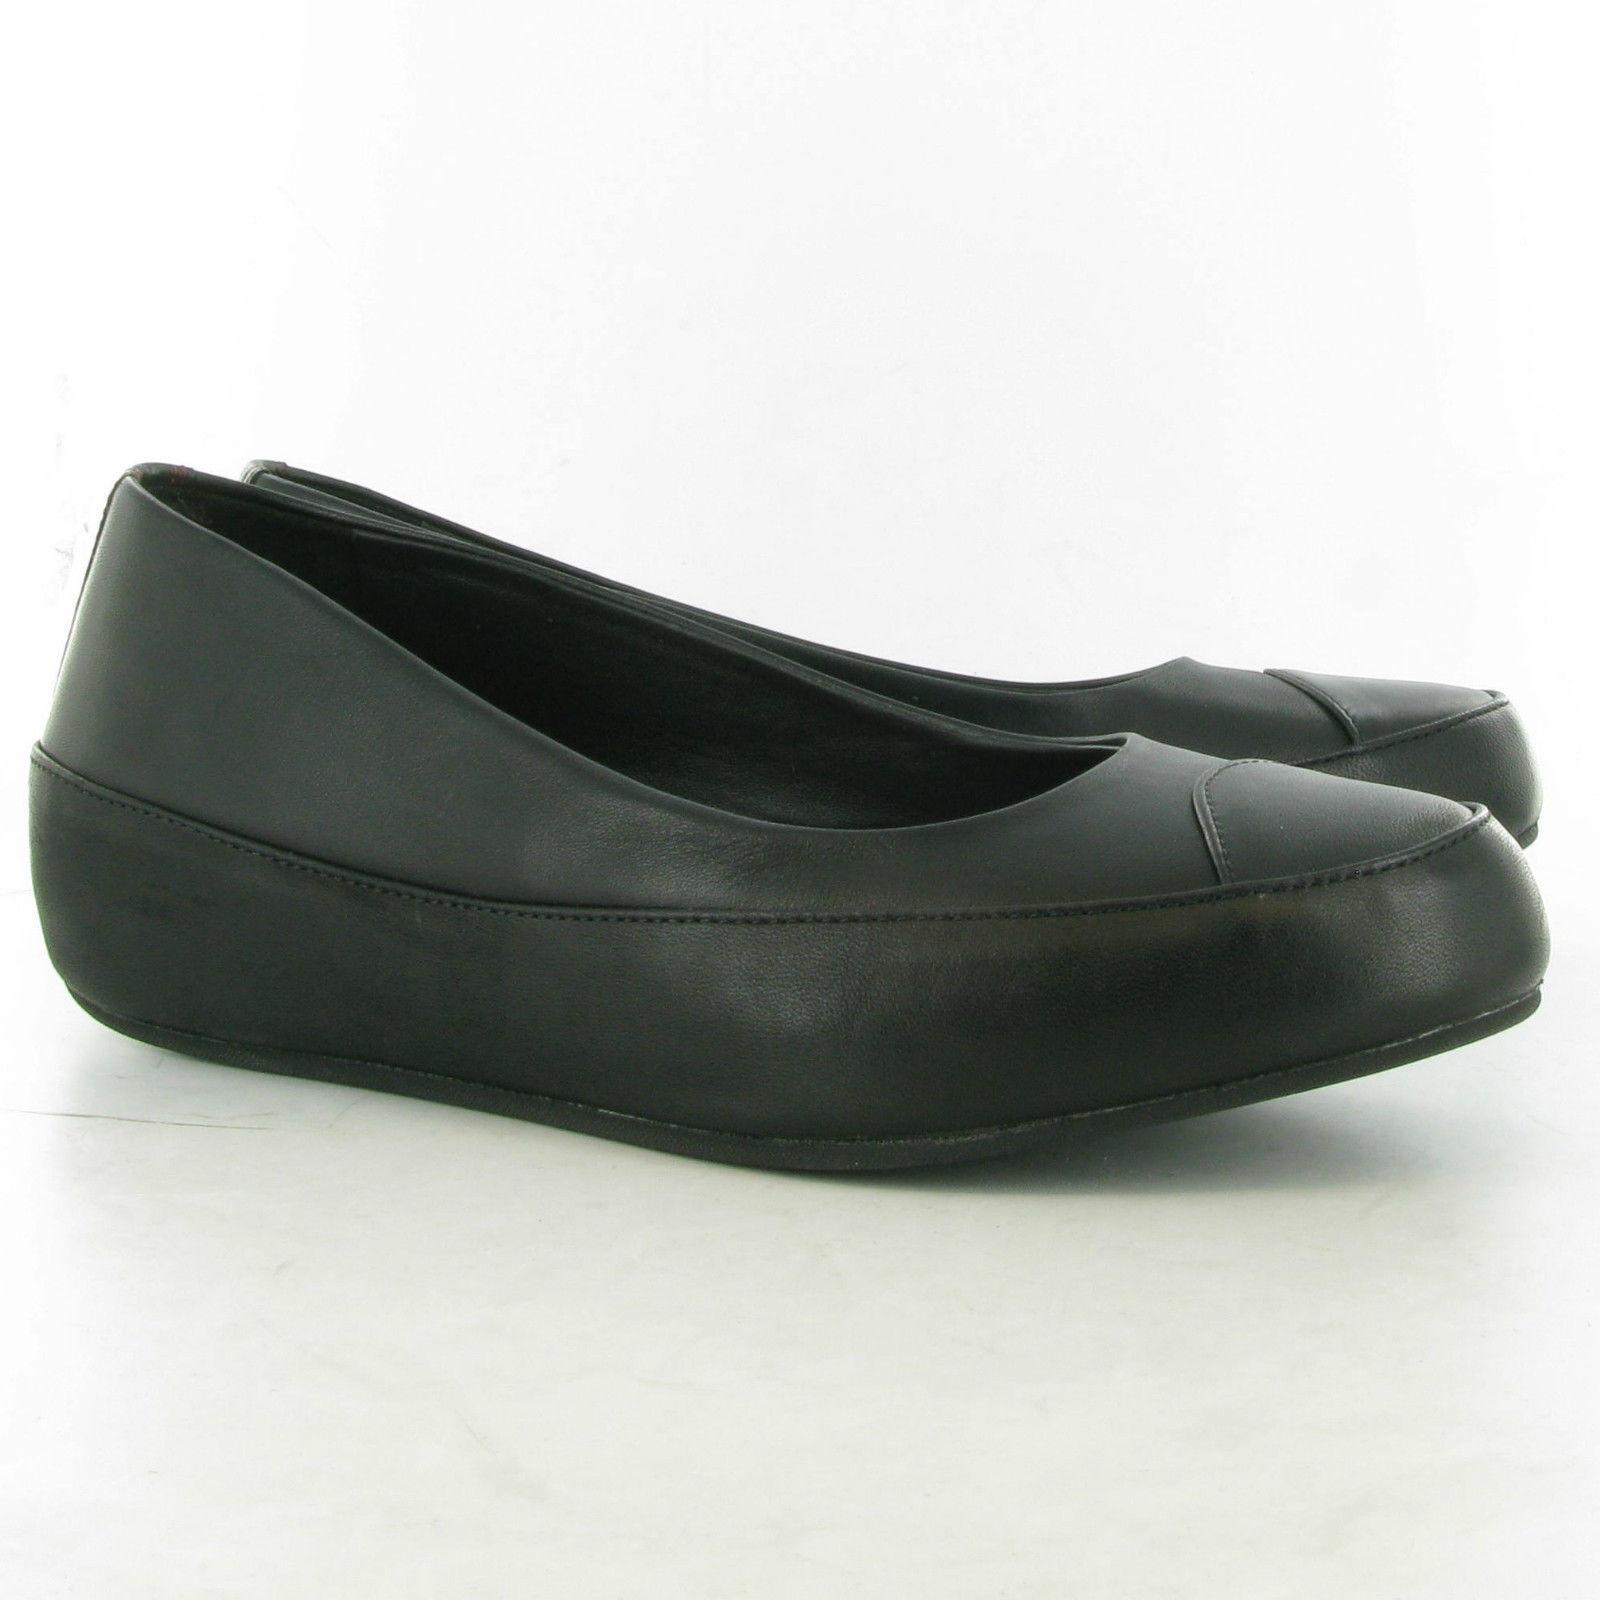 FITFLOP™ DUE BLACK LEATHER PLATFORM BALLERINA PUMPS Schuhe UK 5 EUR 38